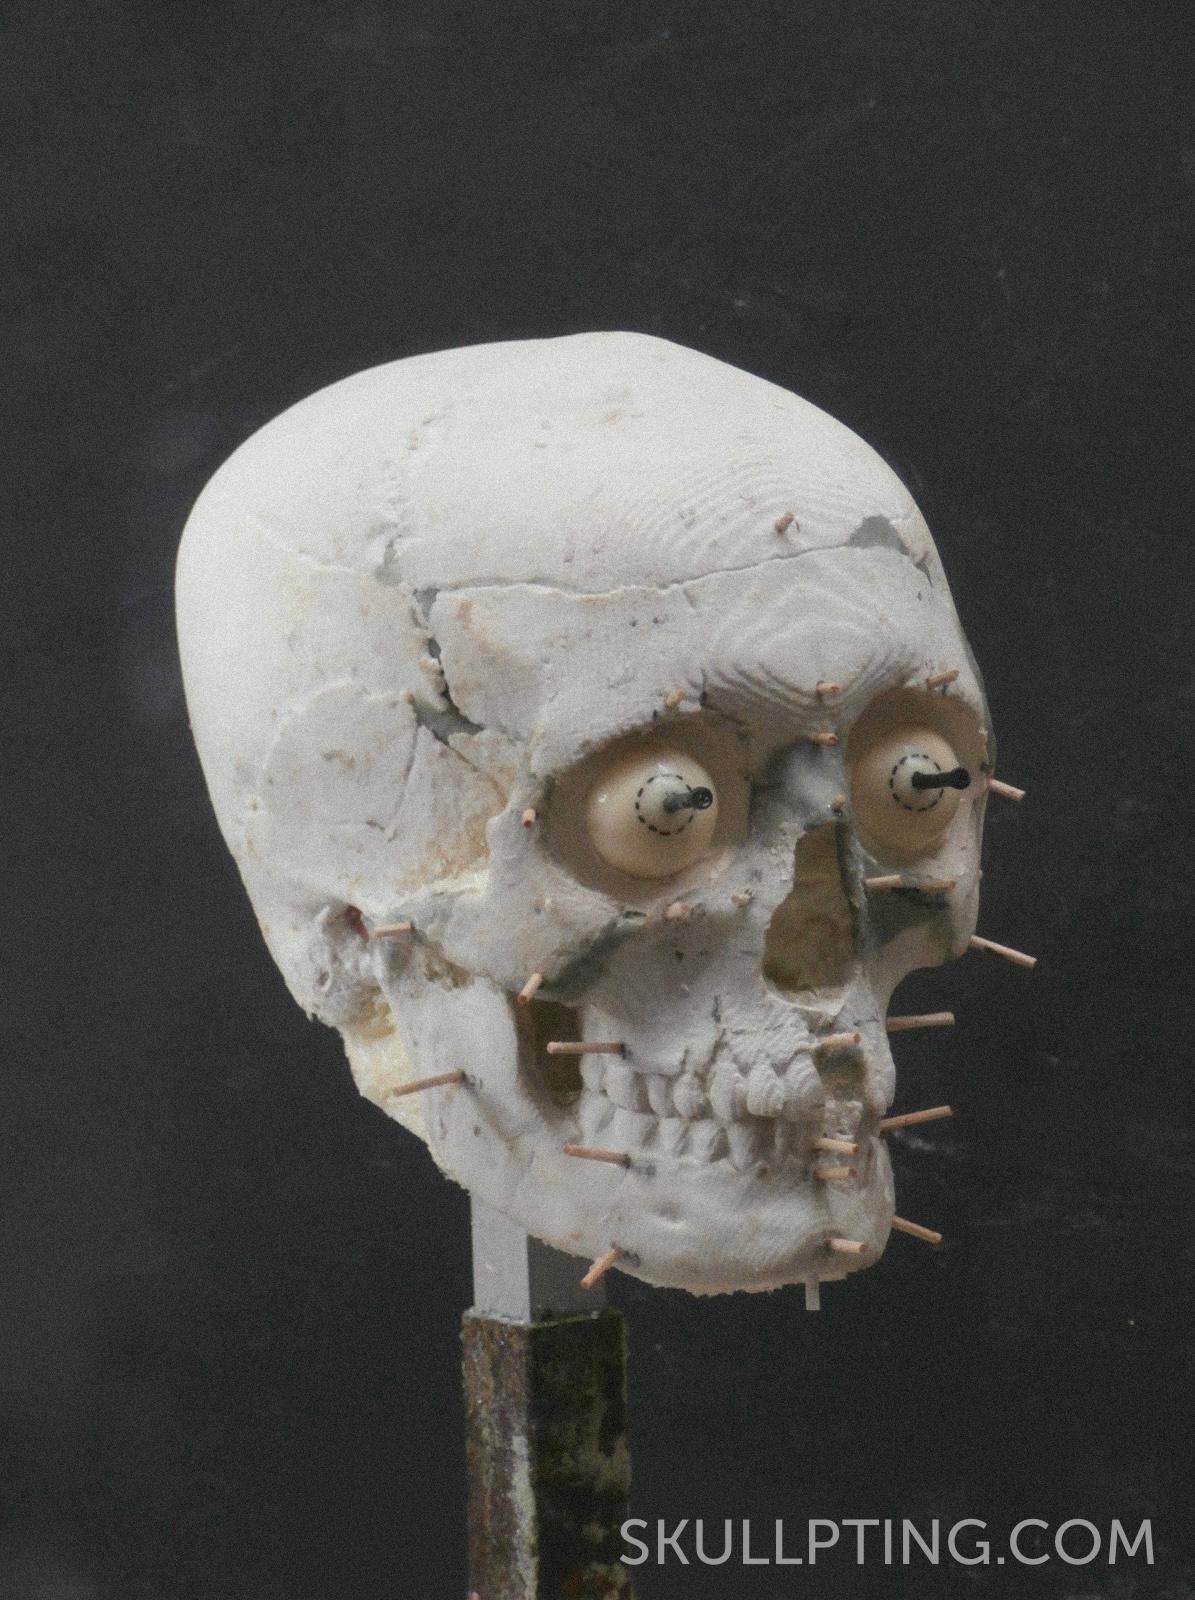 02-bronstijdmeisje (1)